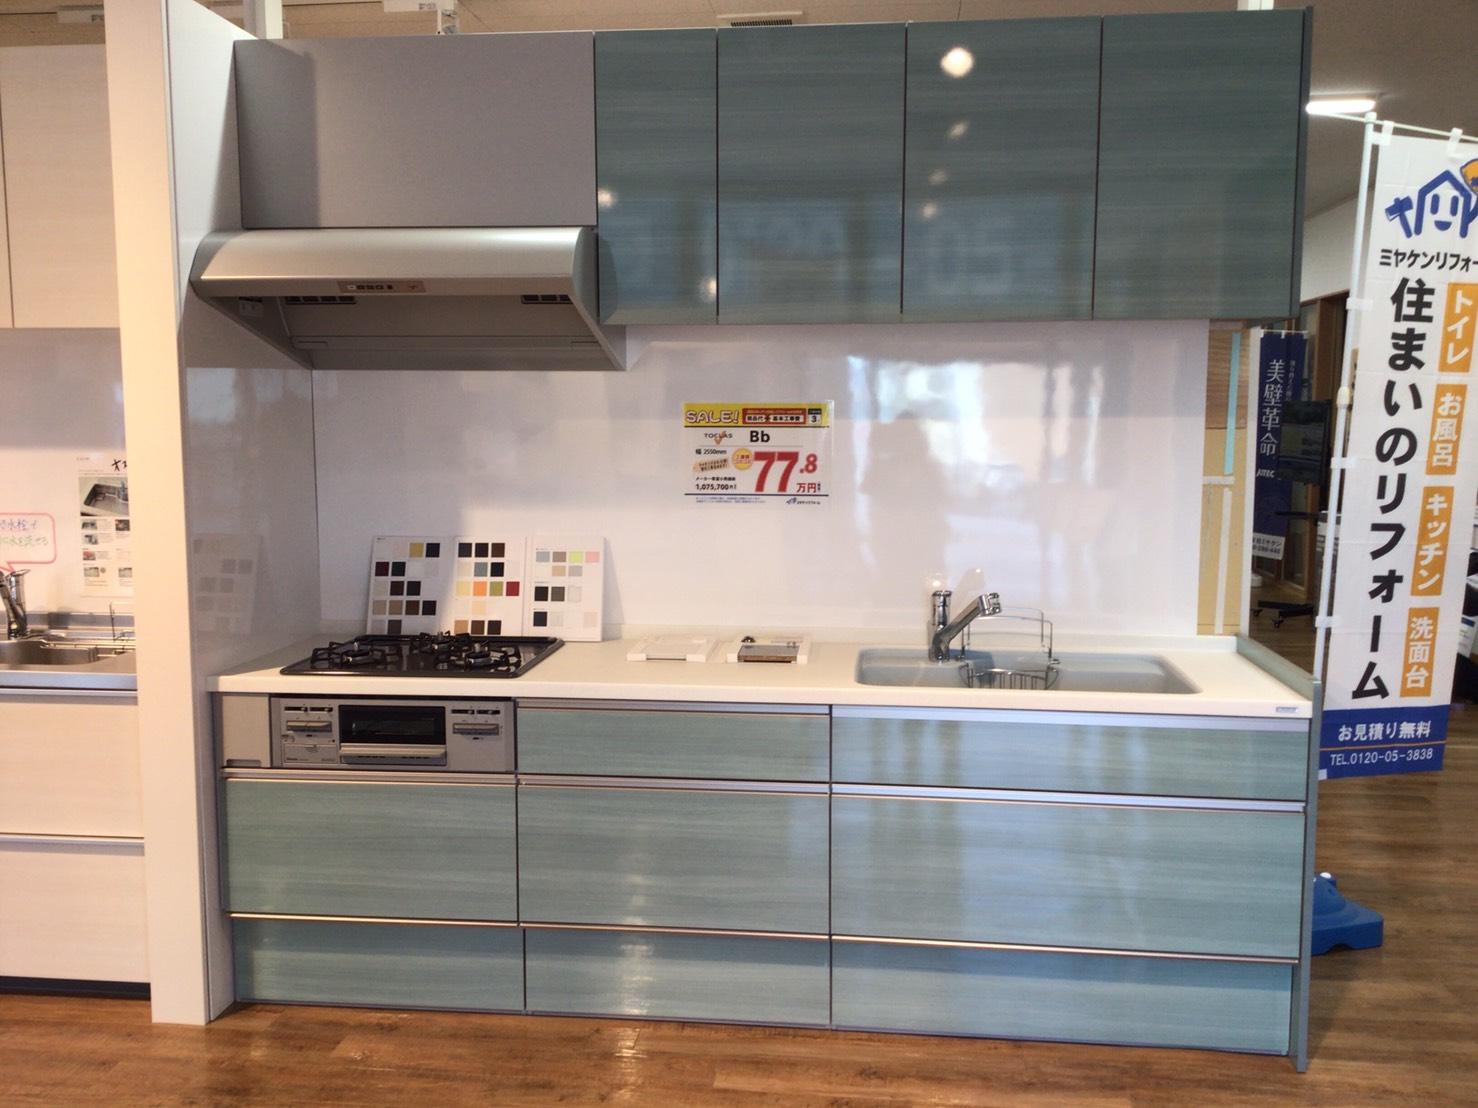 大人気キッチン【トクラス Bb】がミヤケンリフォーム館に展示されました!